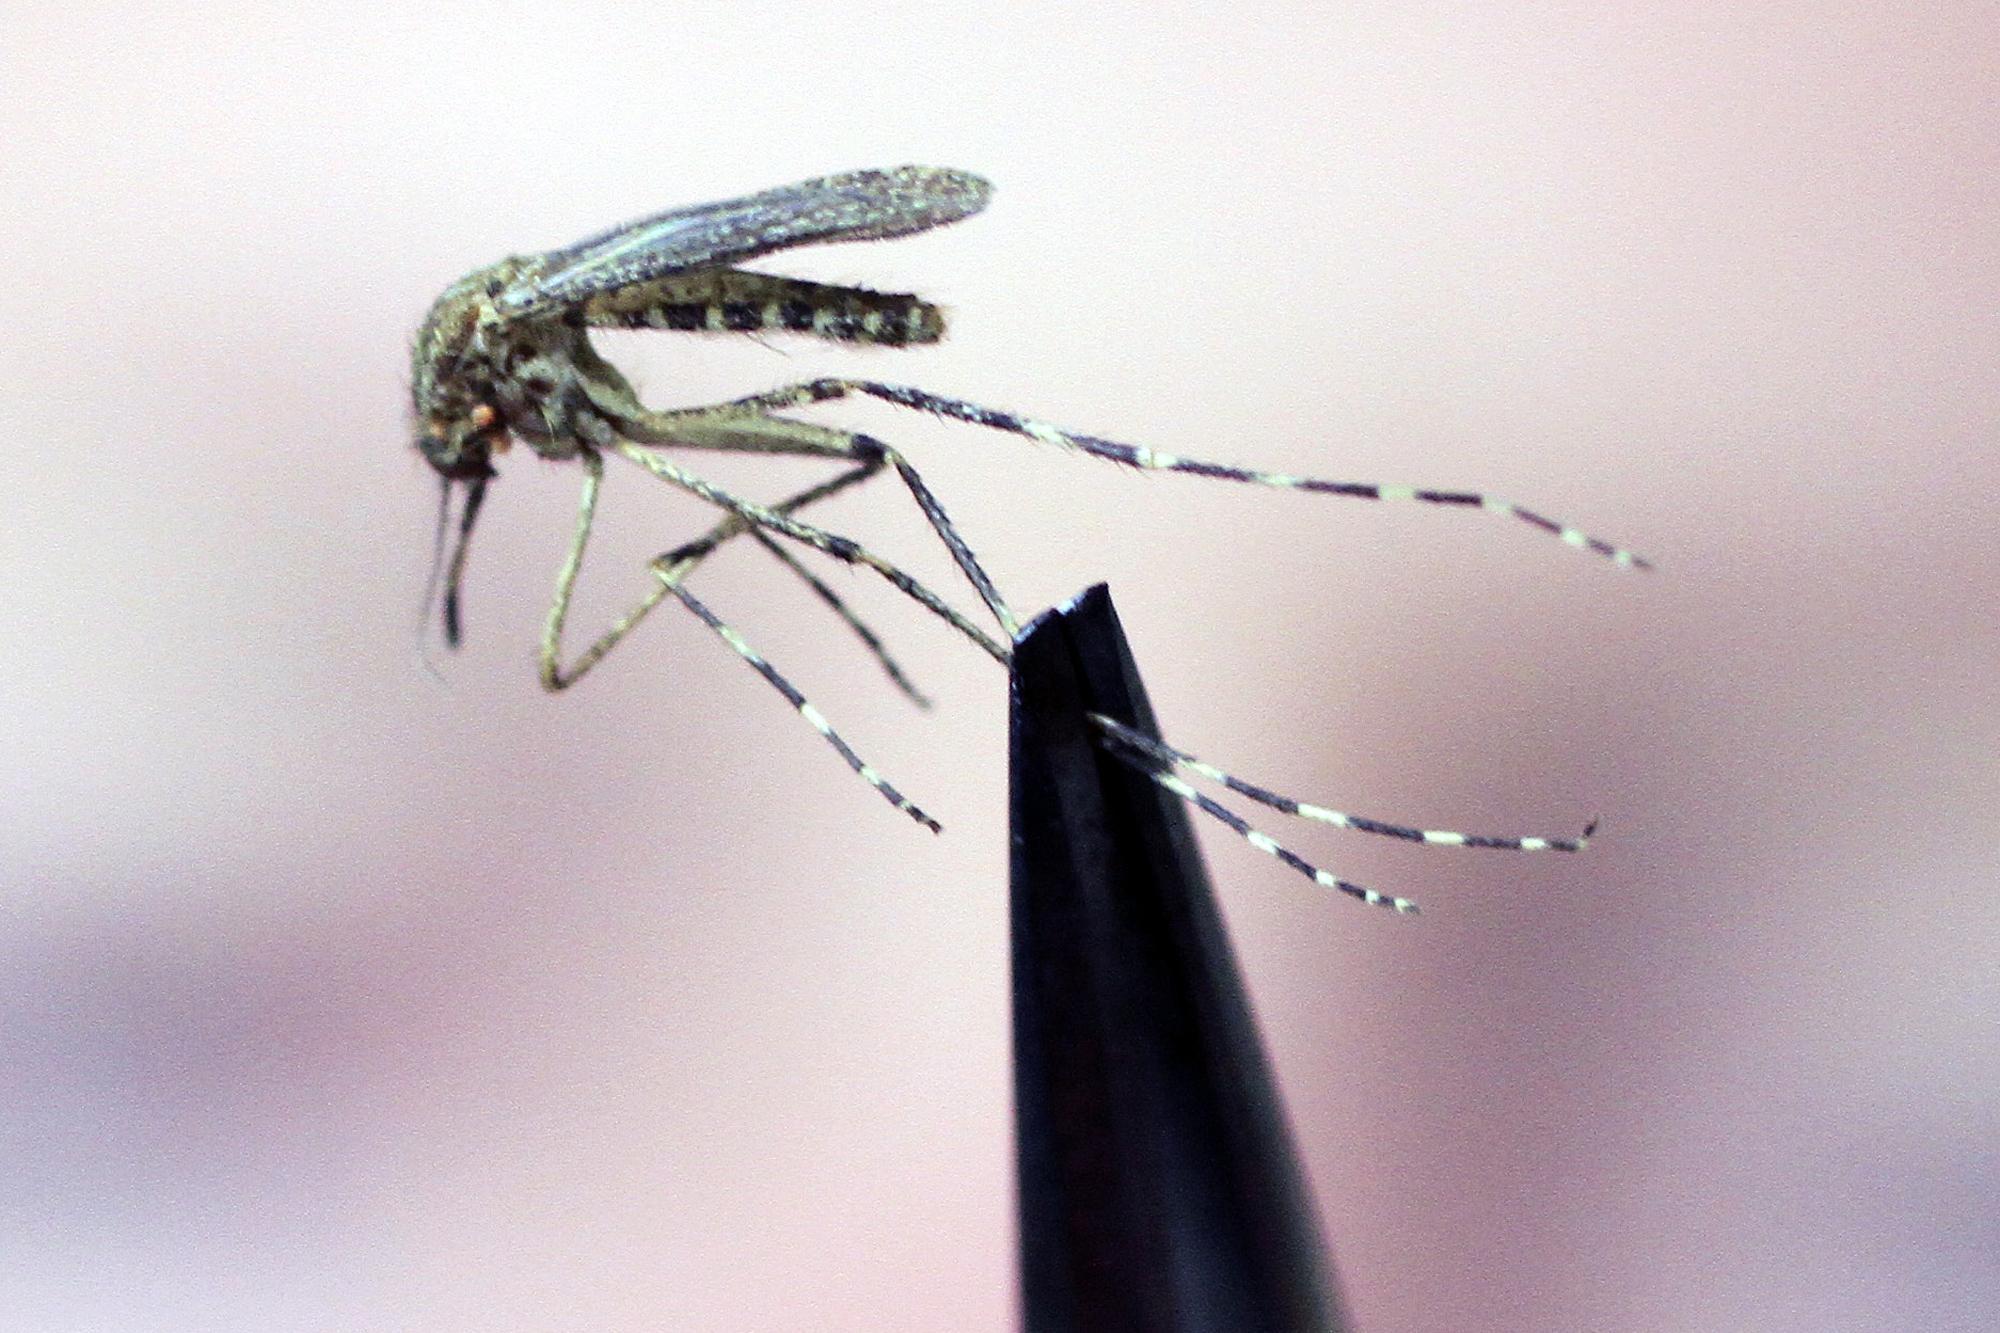 Westnijlvirus voor het eerst in Nederland gesignaleerd